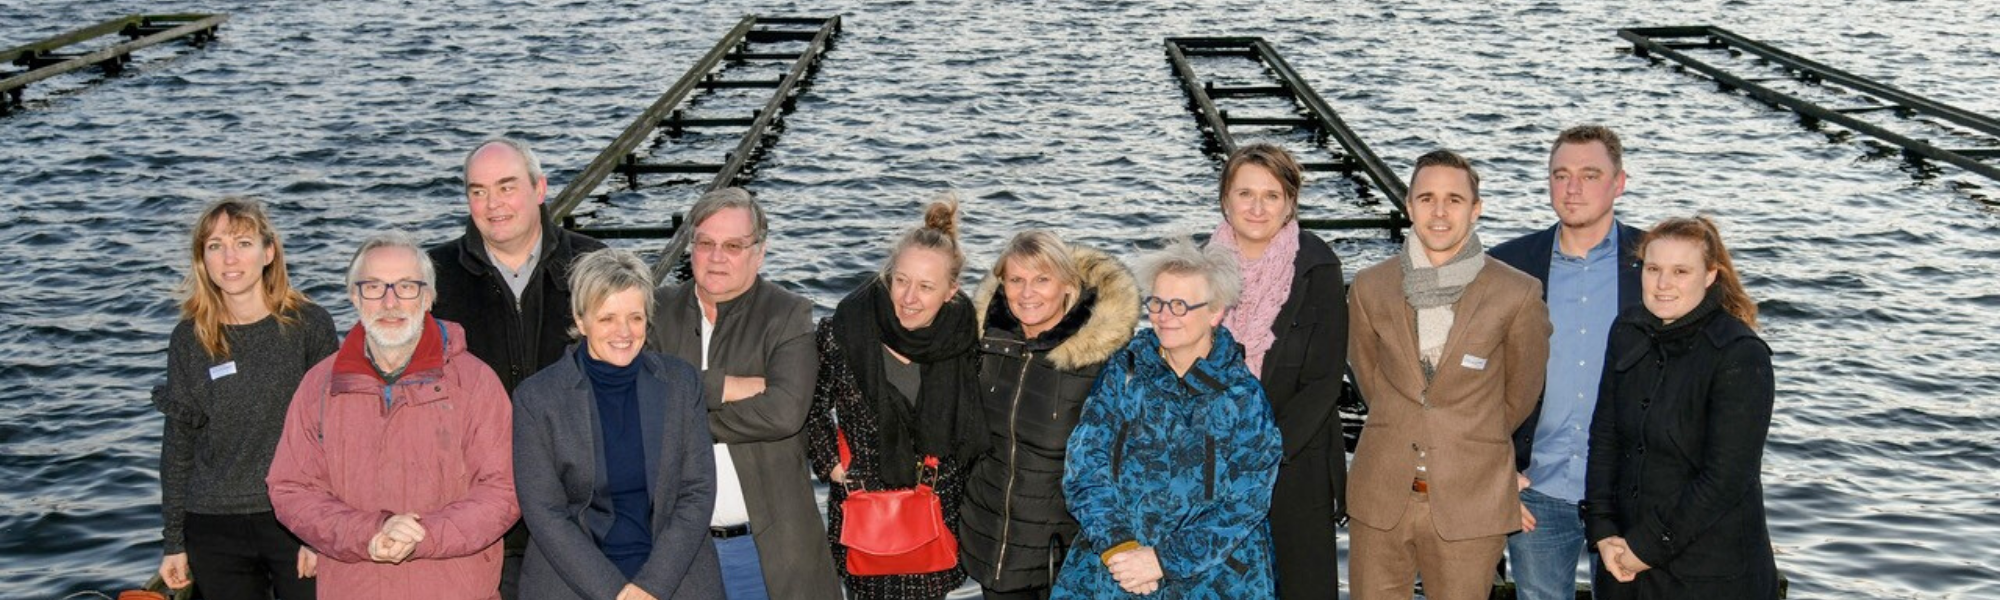 Nieuwe ambassadeurs Scheldeland erkend